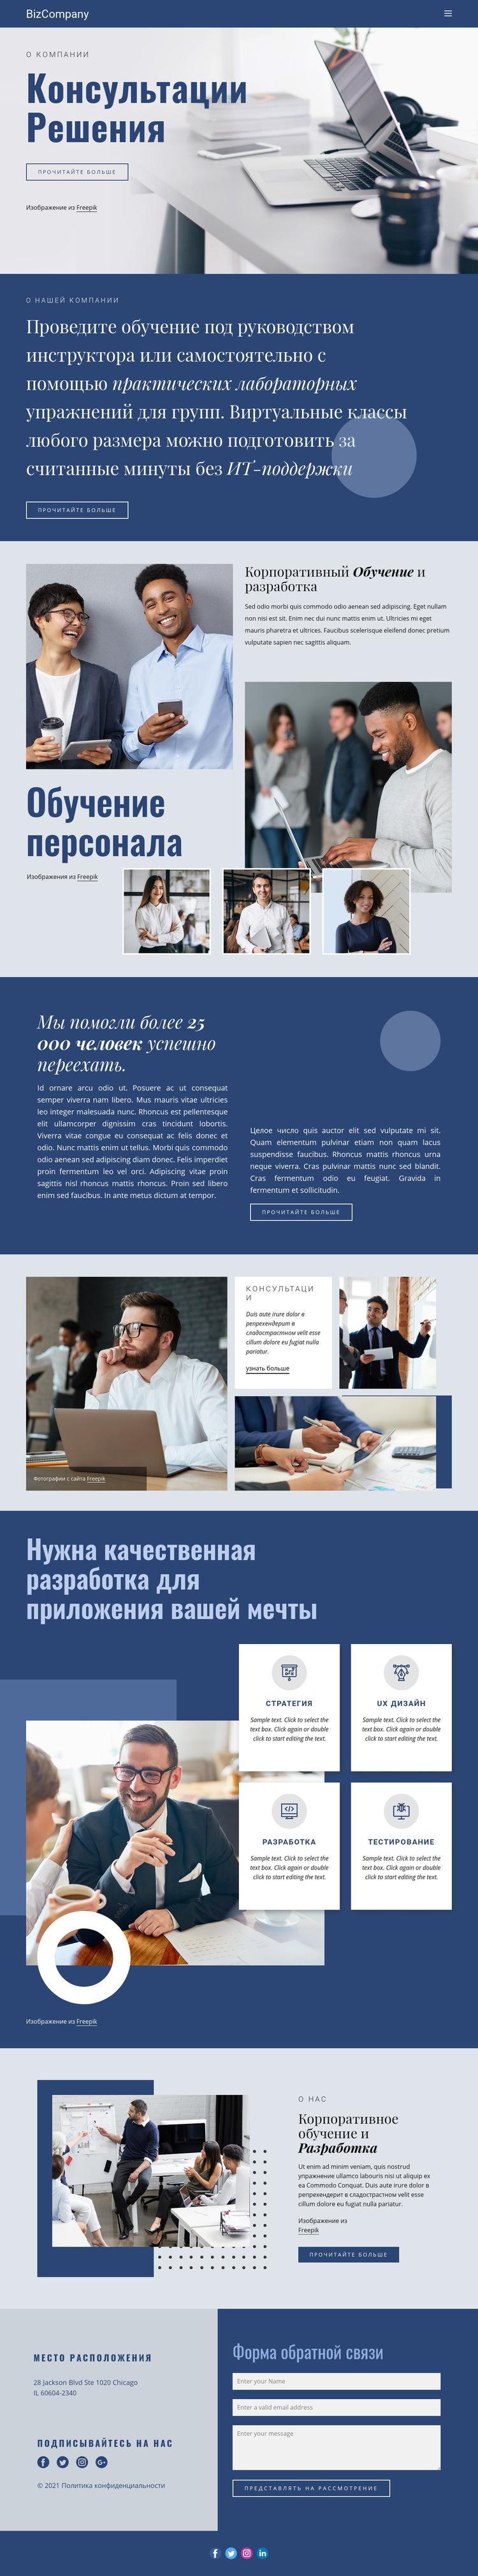 Обучение и повышение квалификации Шаблон веб-сайта